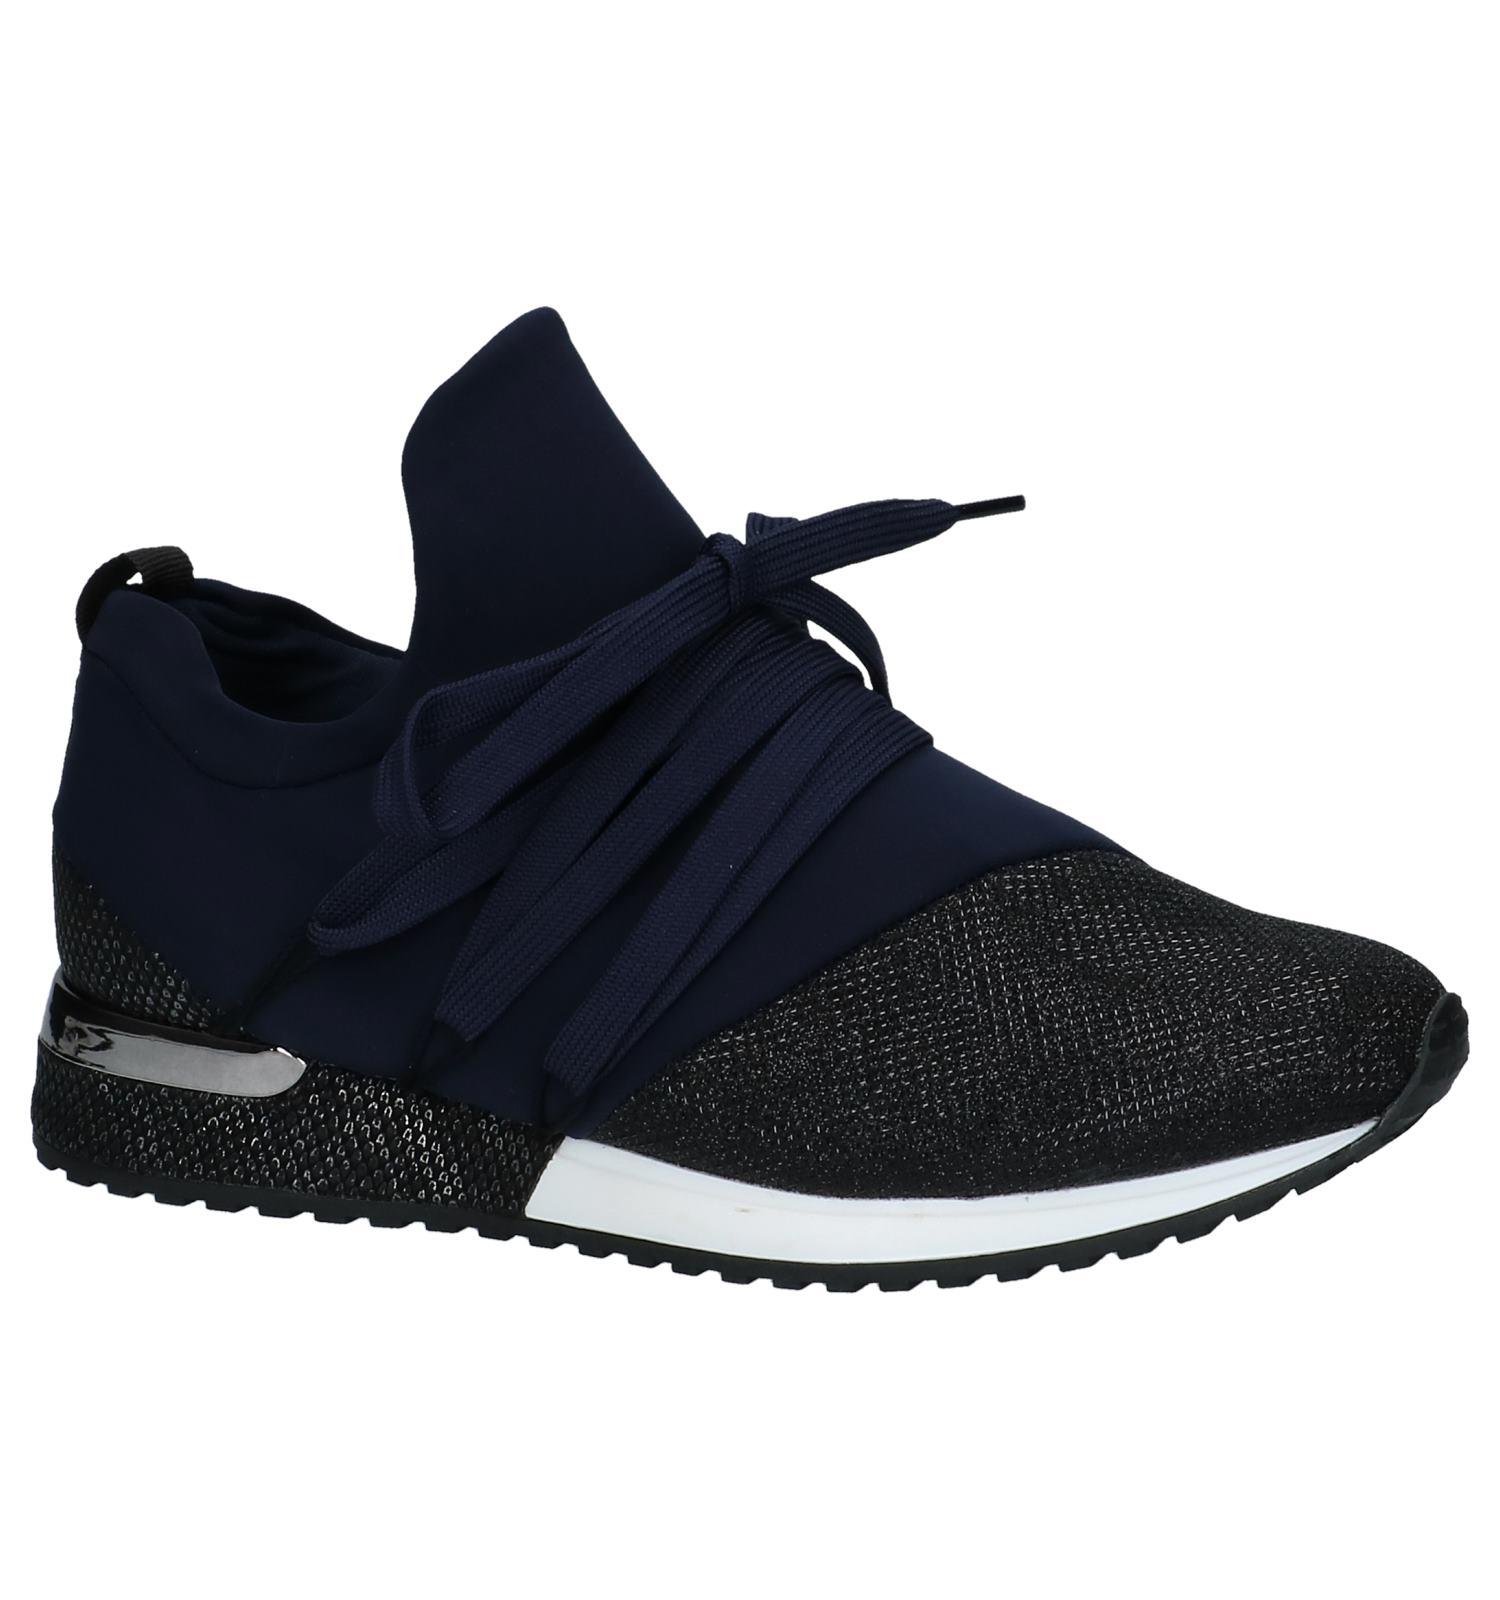 2a53a6e4feb La Strada Donkerblauwe Sneakers | TORFS.BE | Gratis verzend en retour